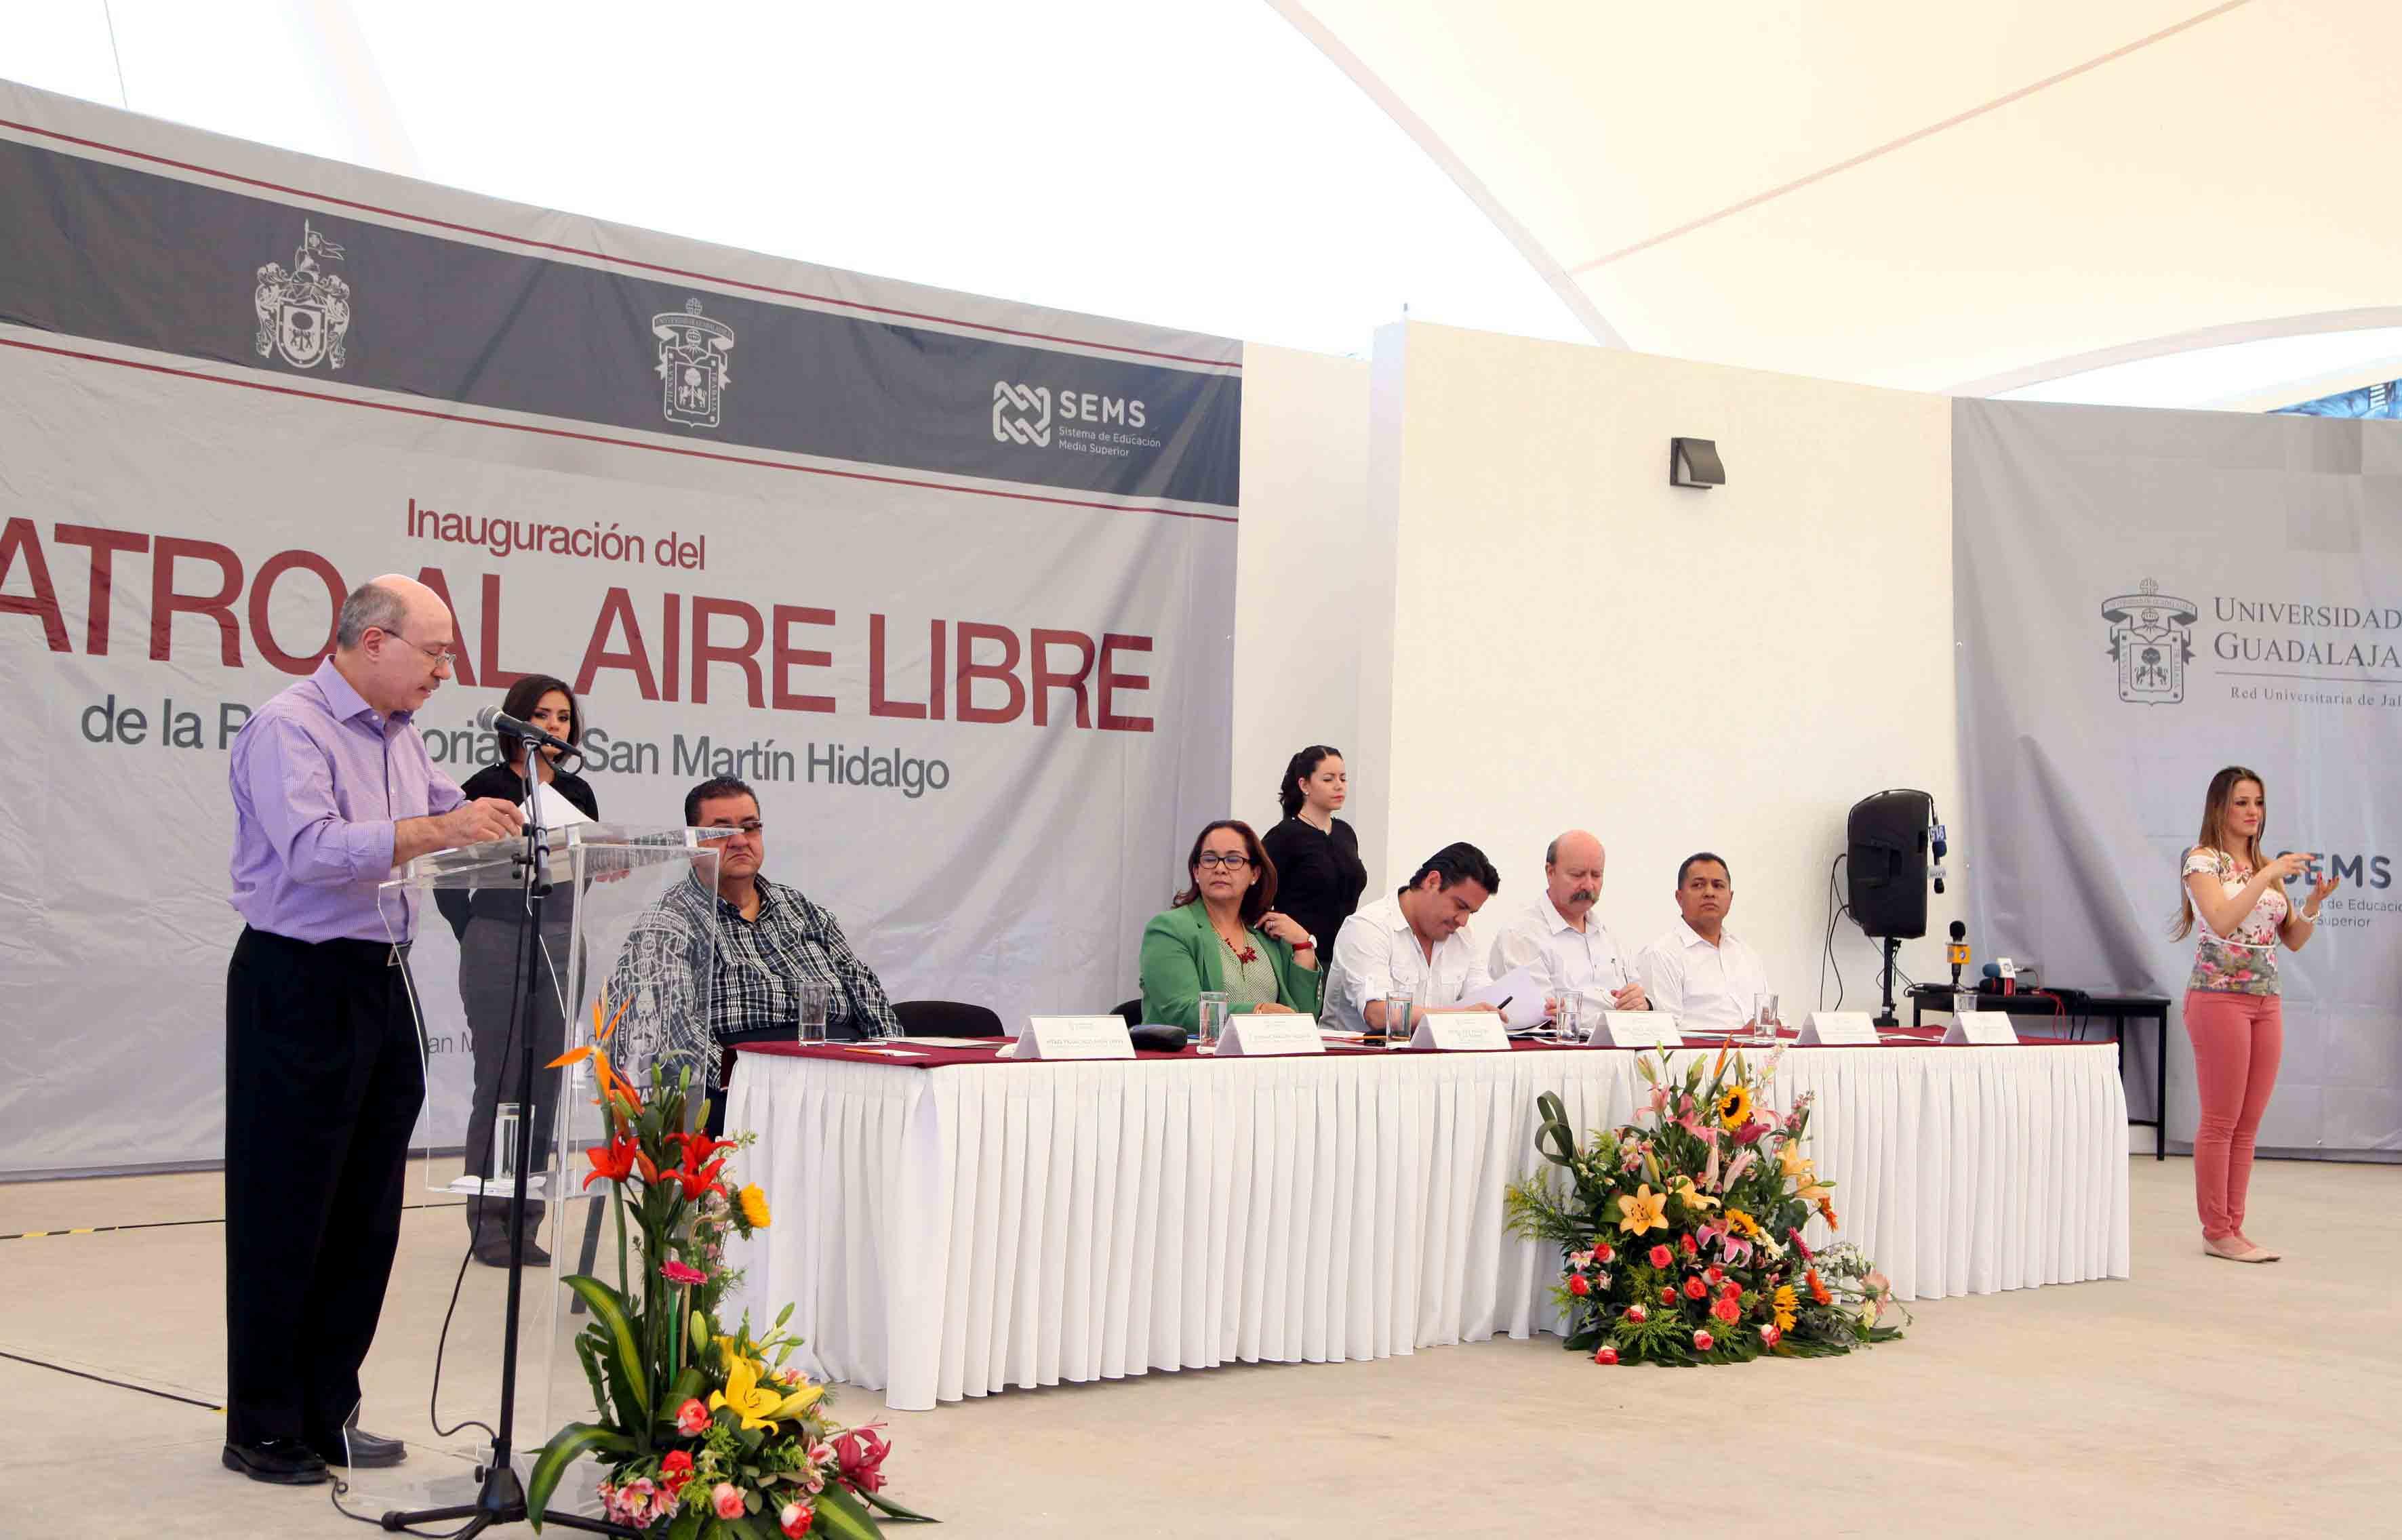 Al acto acudió el gobernador de Jalisco, maestro Jorge Aristóteles Sandoval Díaz